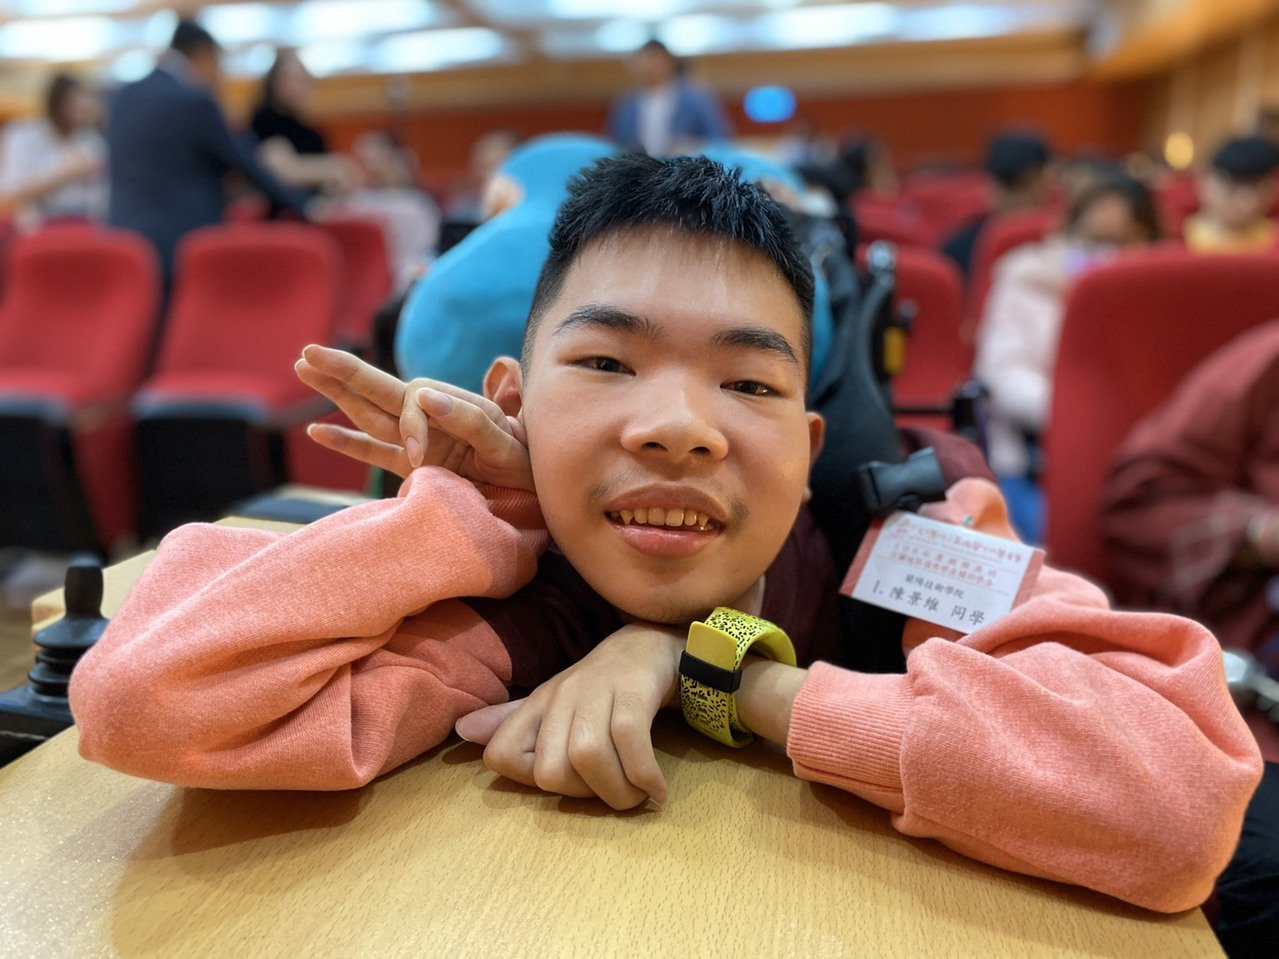 19歲的蘭陽技術學院學生陳景維從小罹患脊髓性肌肉萎縮症,不知道生命什麼時候會到盡...